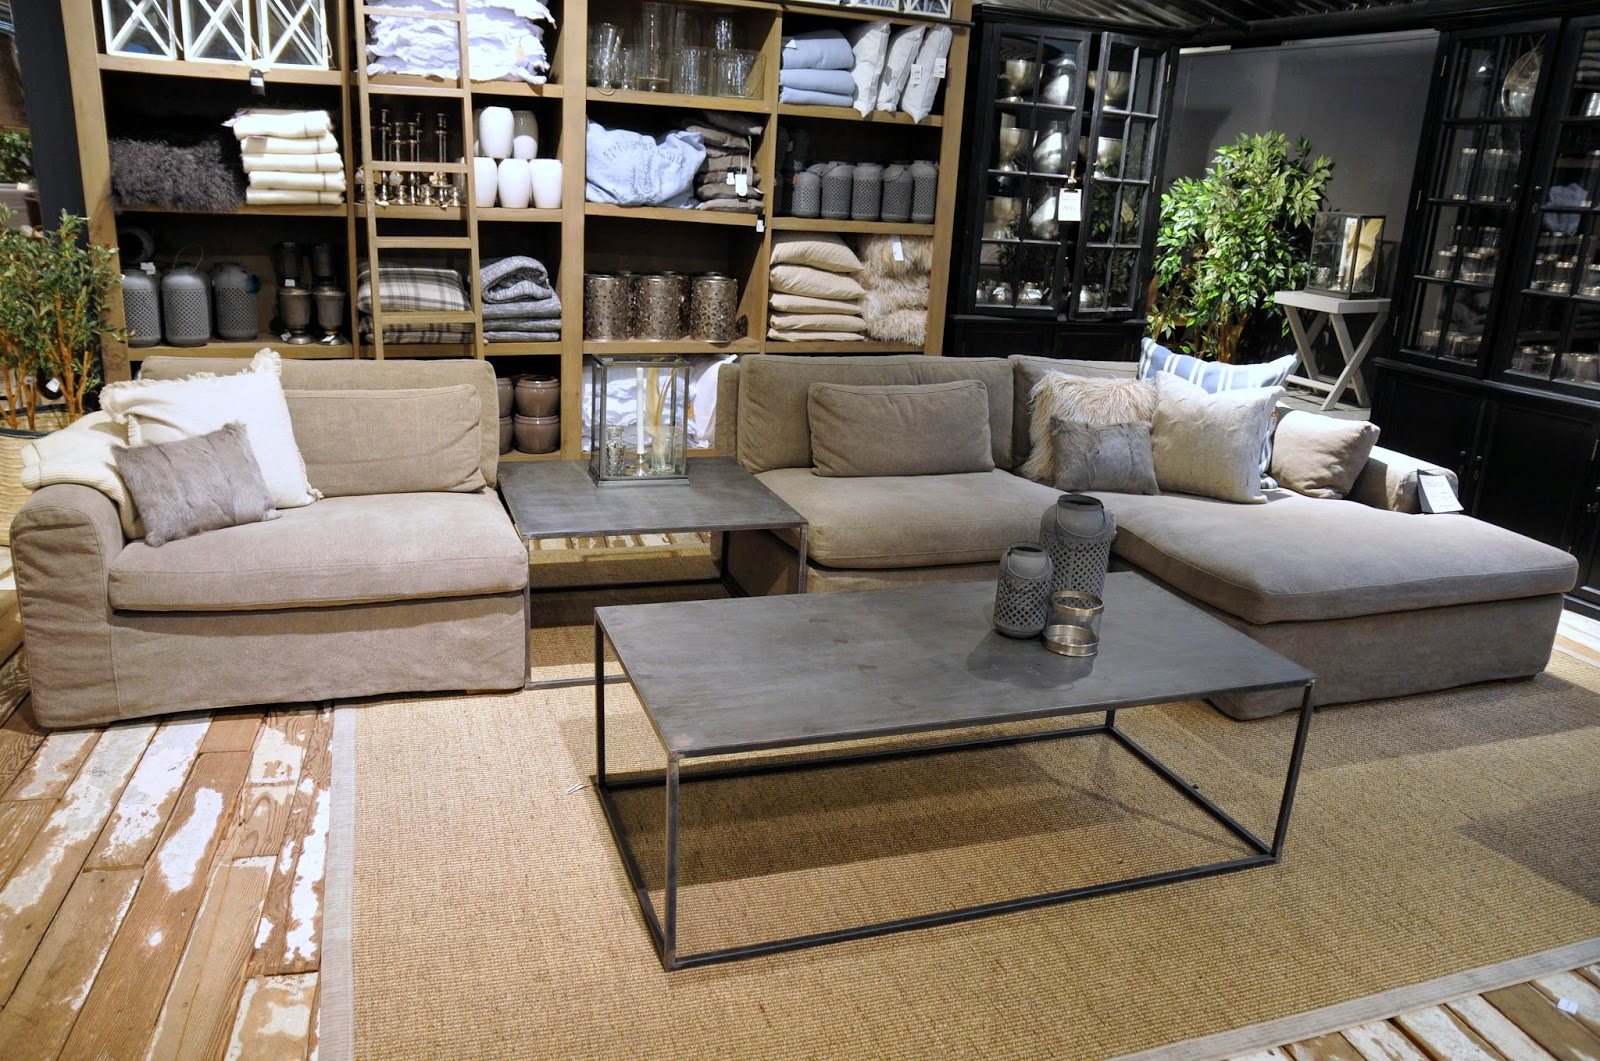 Sofa Billigt Til Salg Single Bed Chair Australia Store Sofaer Elegant With Trendy